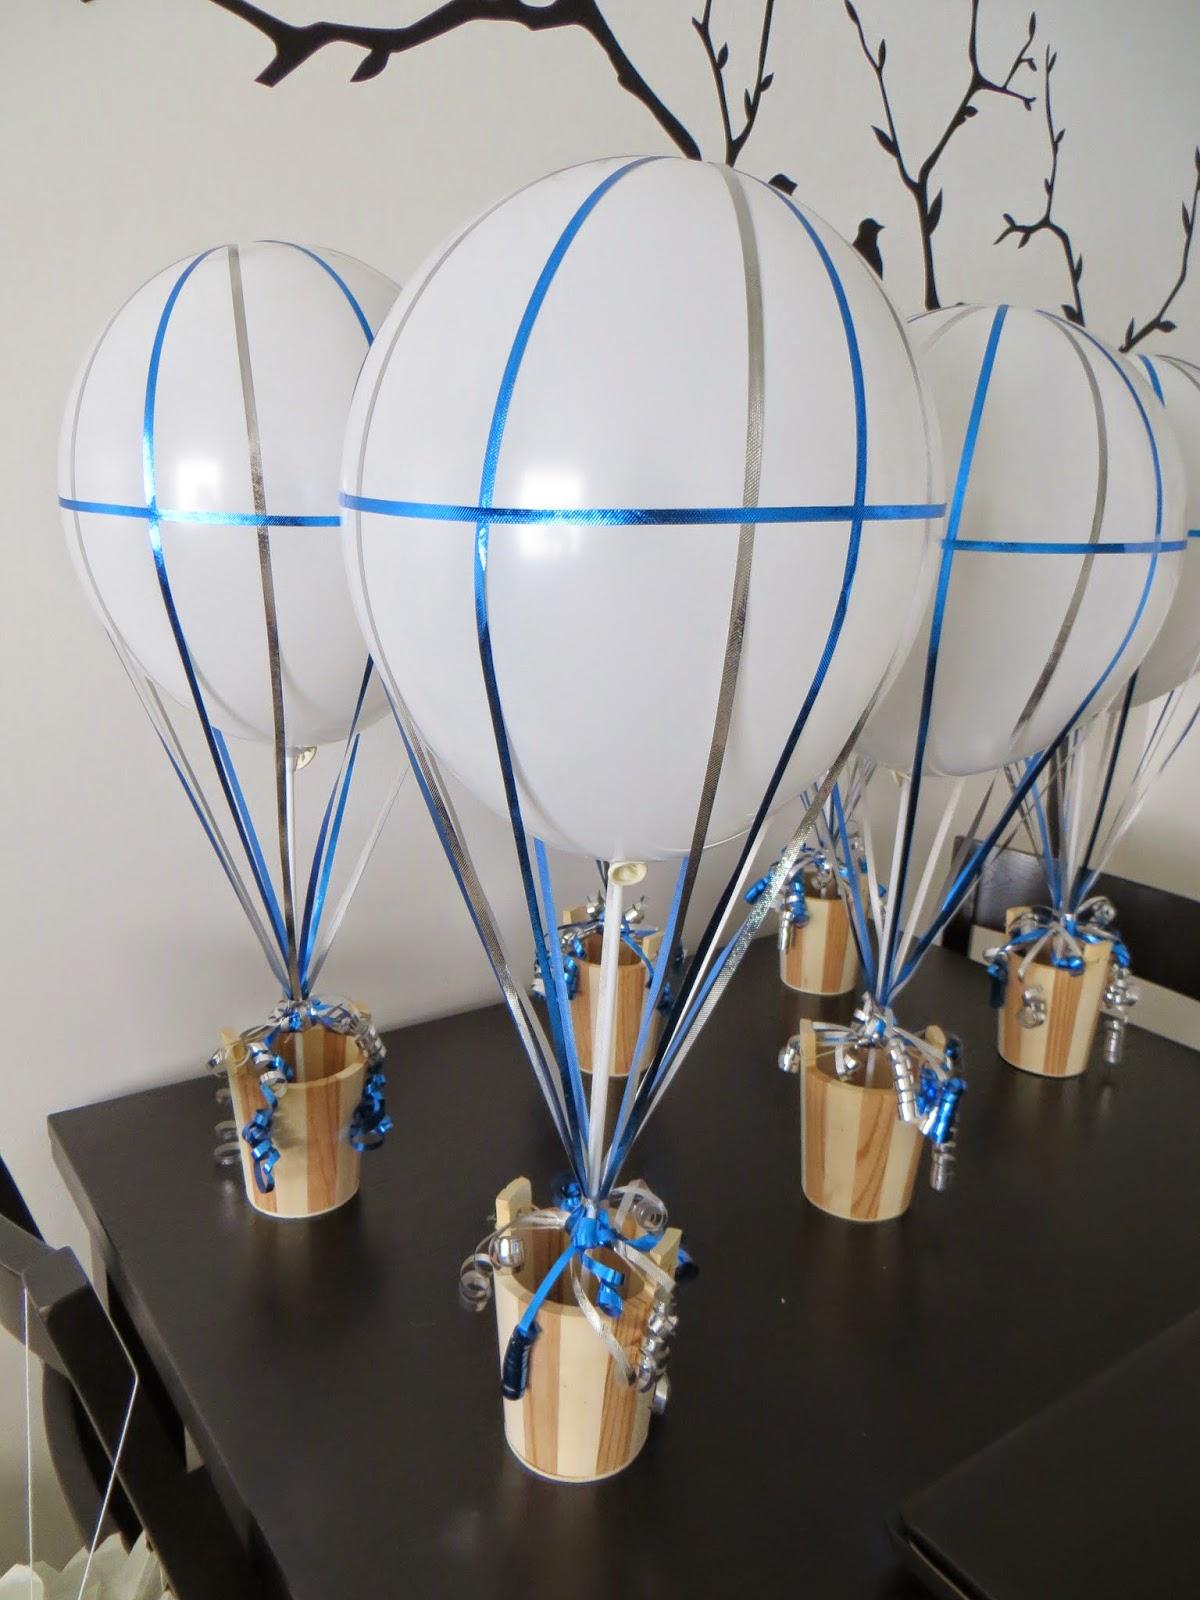 Cicy guimond the diy air balloon centerpieces for